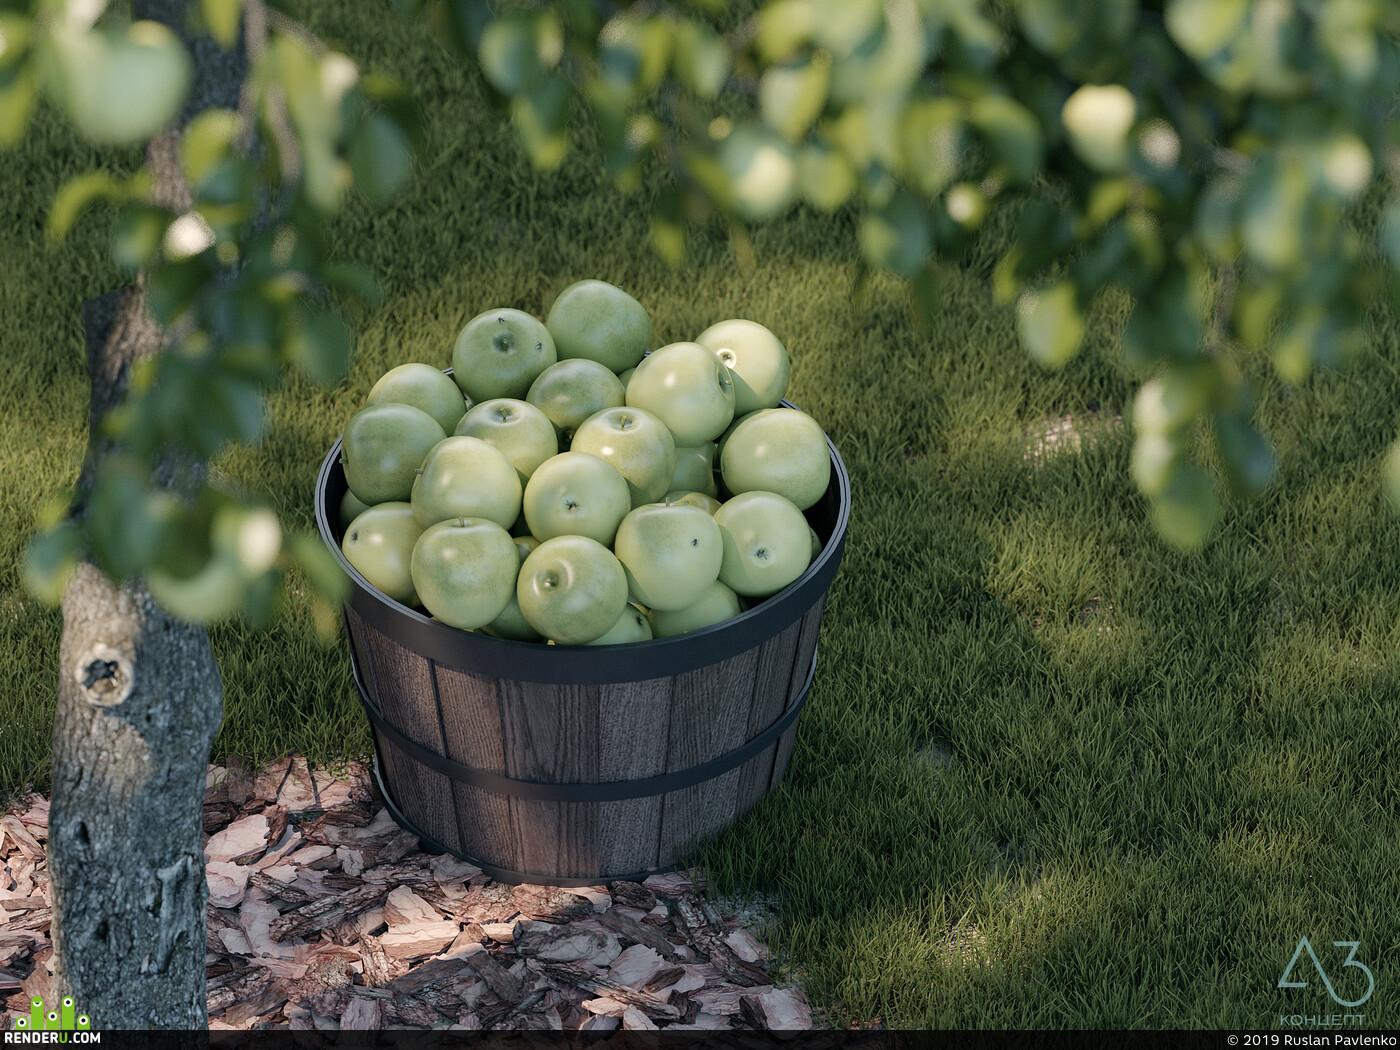 дизайн, ландшафт, сад, огород, яблоко, Кошка, Экстерьер, 3Dsmax, Vray